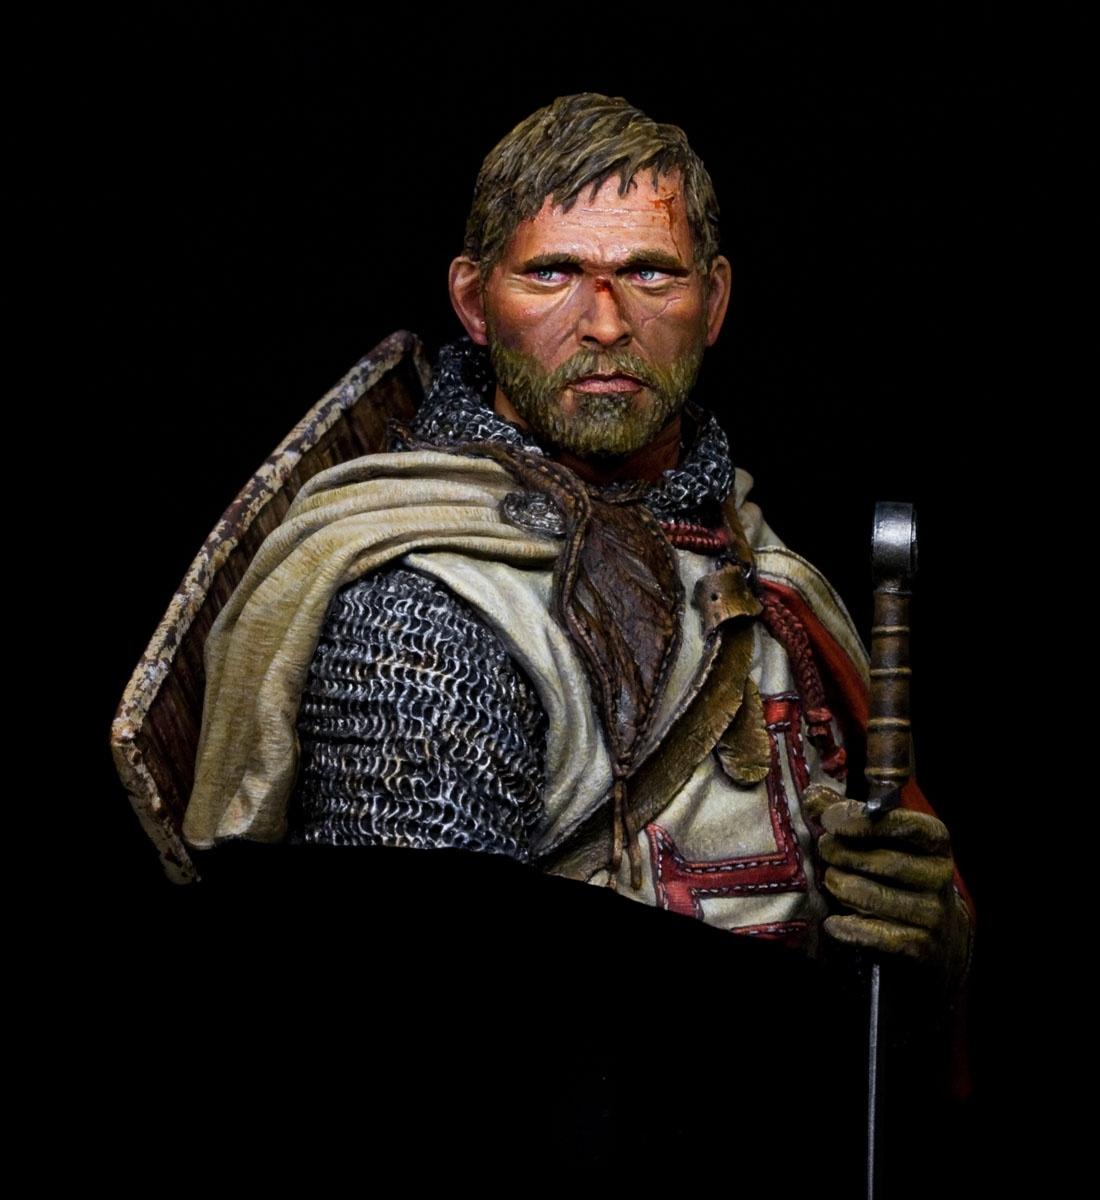 Templar Knight by Jason Zhou · Putty&Paint